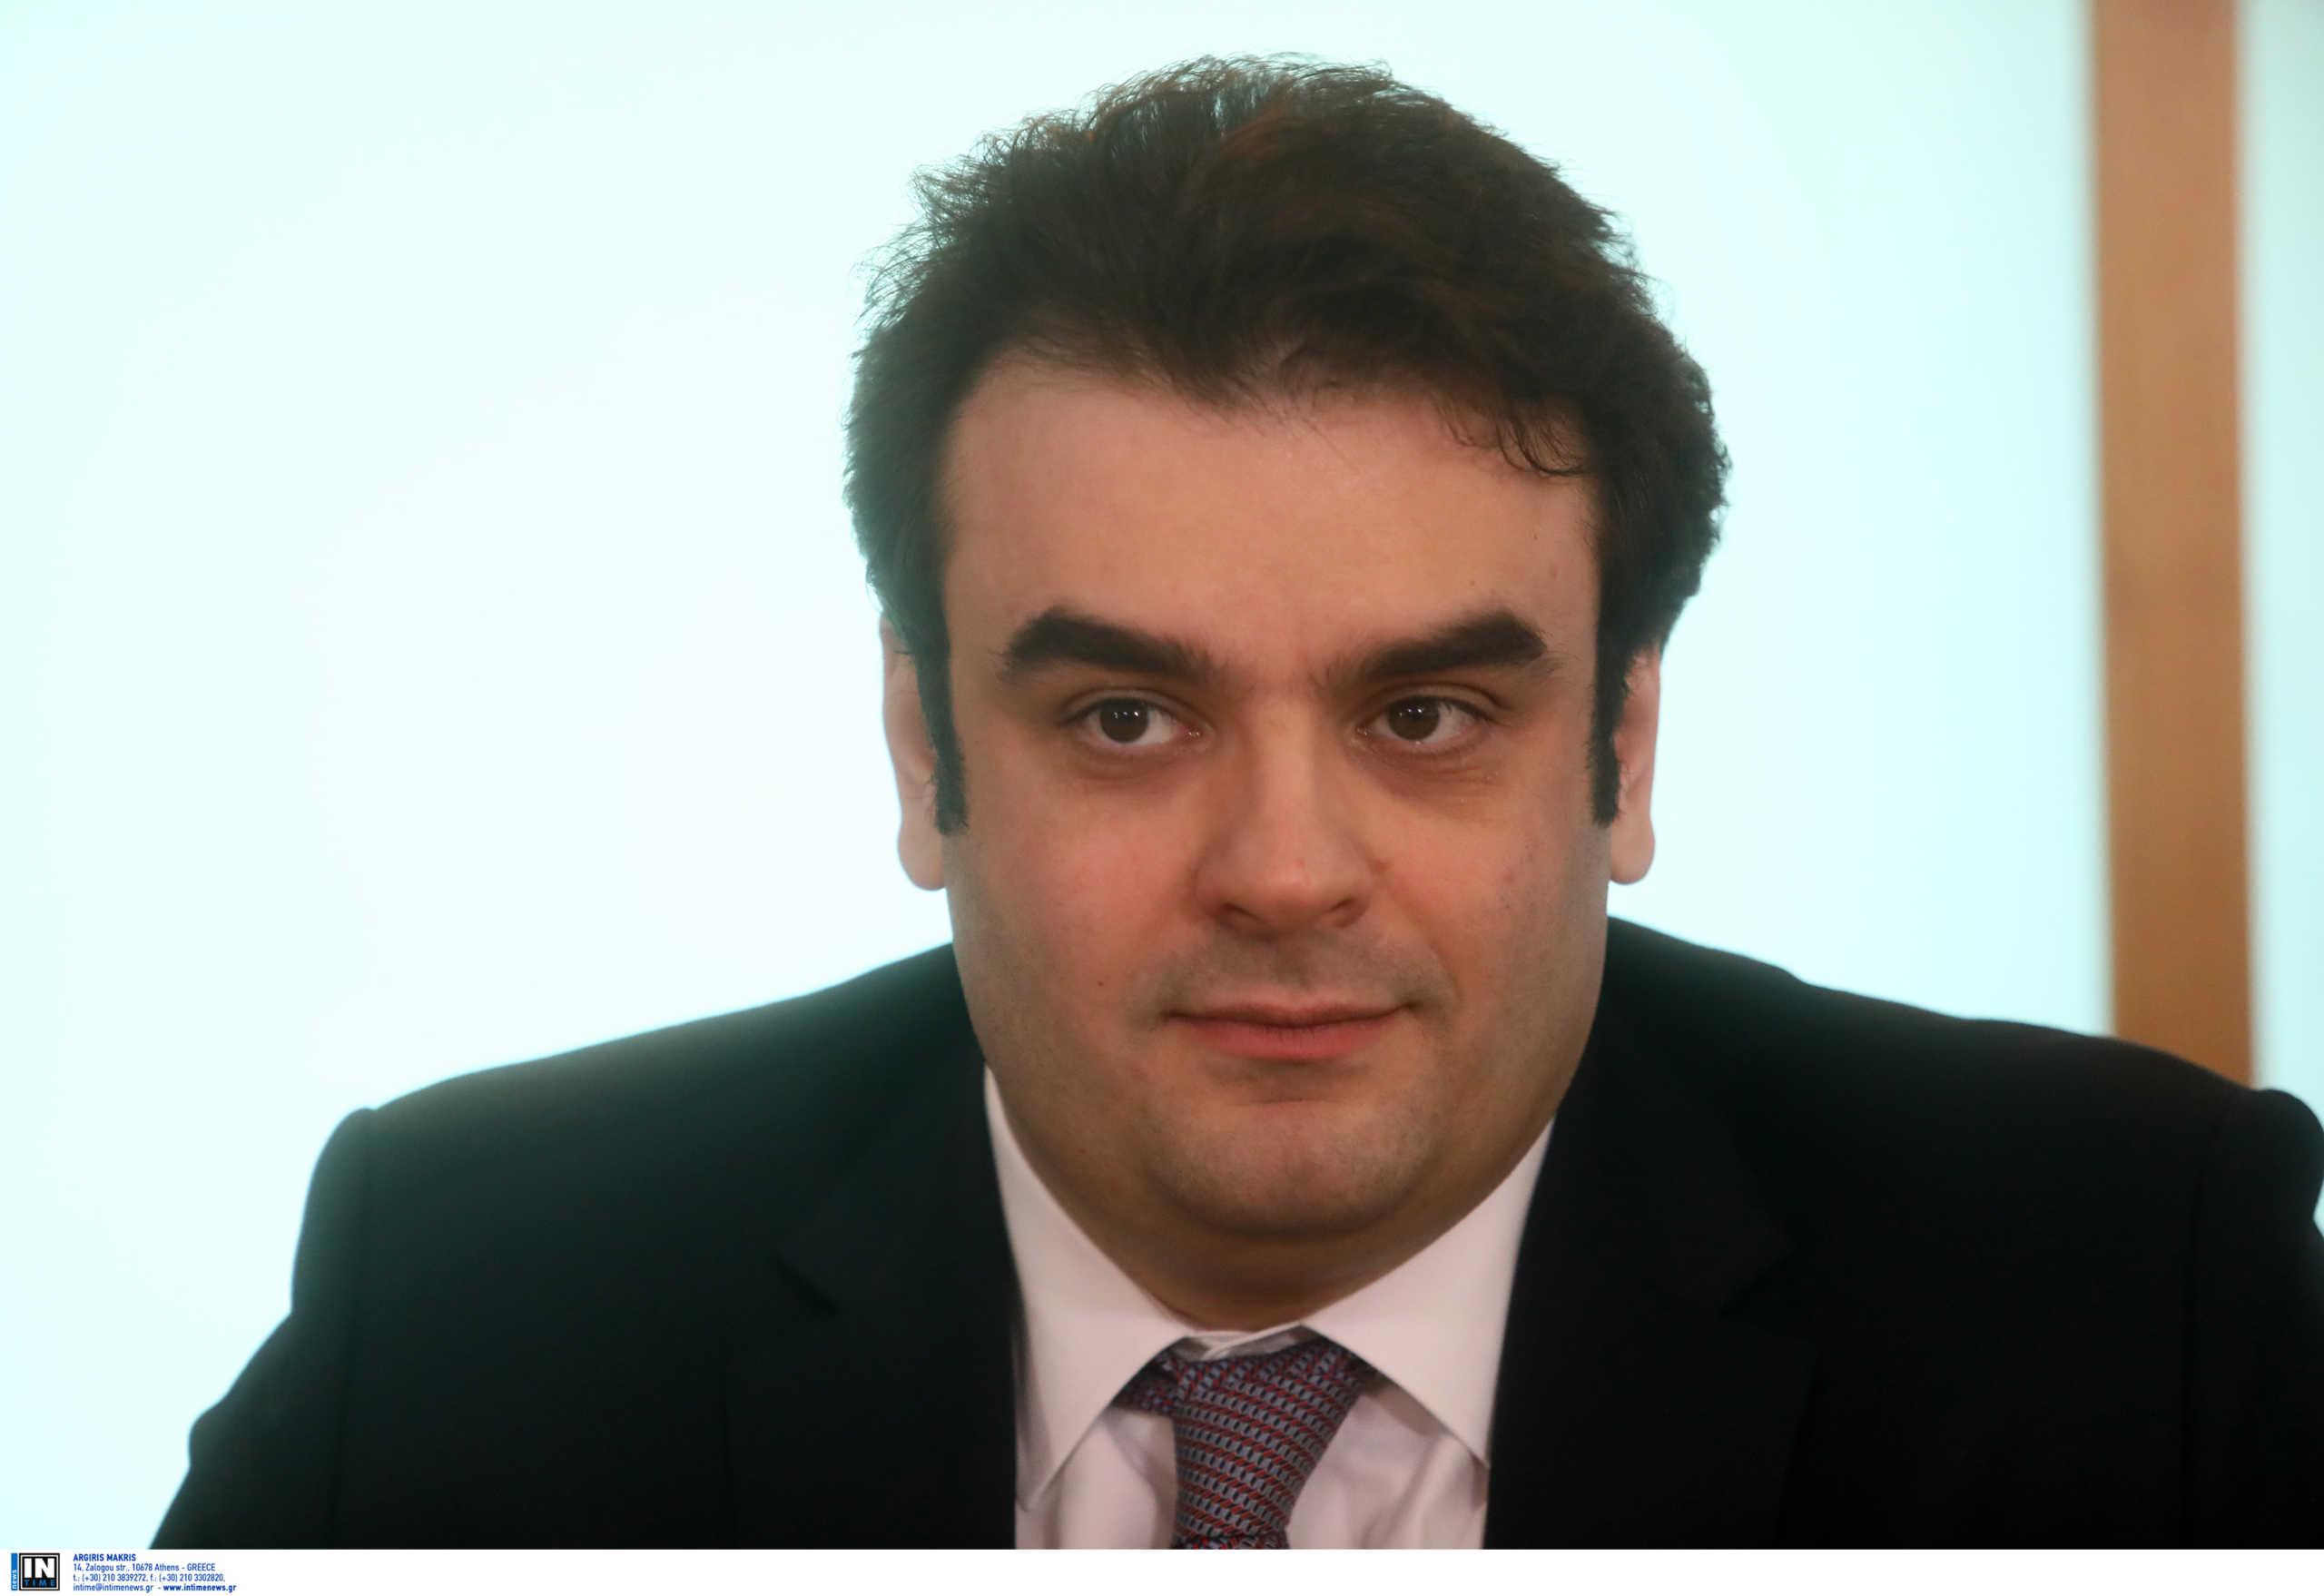 Πιερρακάκης: Στο τέλος της 4ετίας θα είμαστε μια «νέα Ελλάδα» στο ψηφιακό κομμάτι